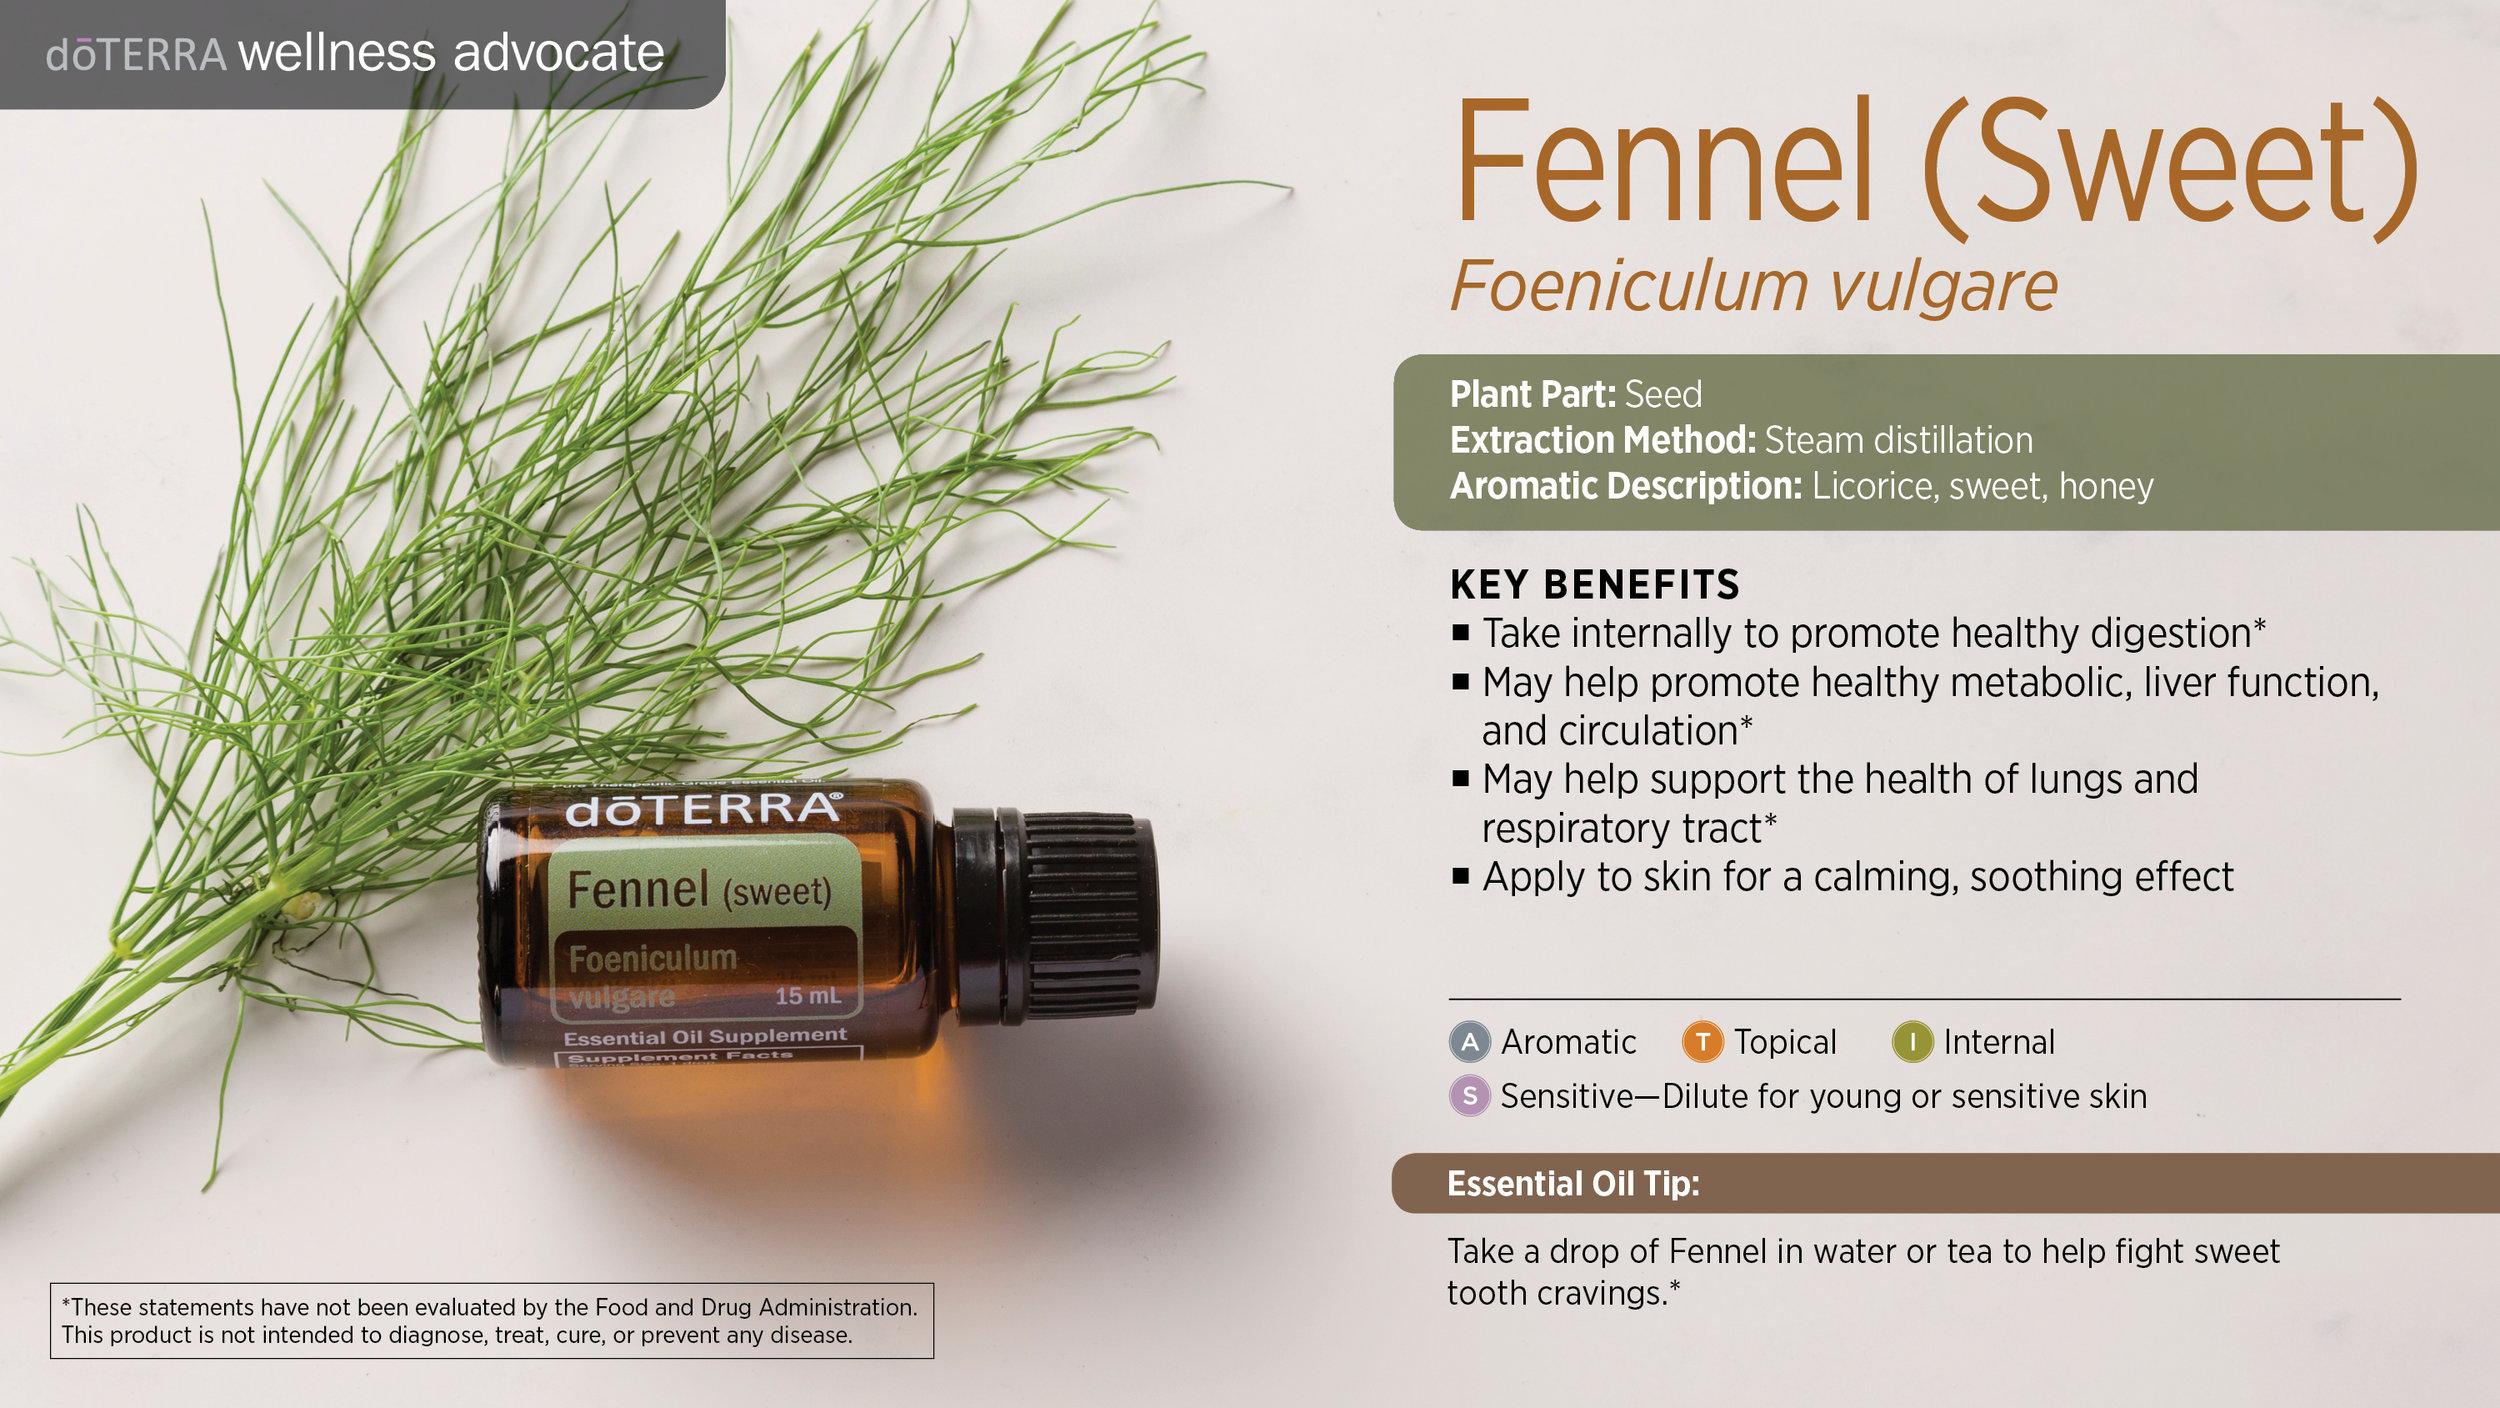 wa-fennel.jpg